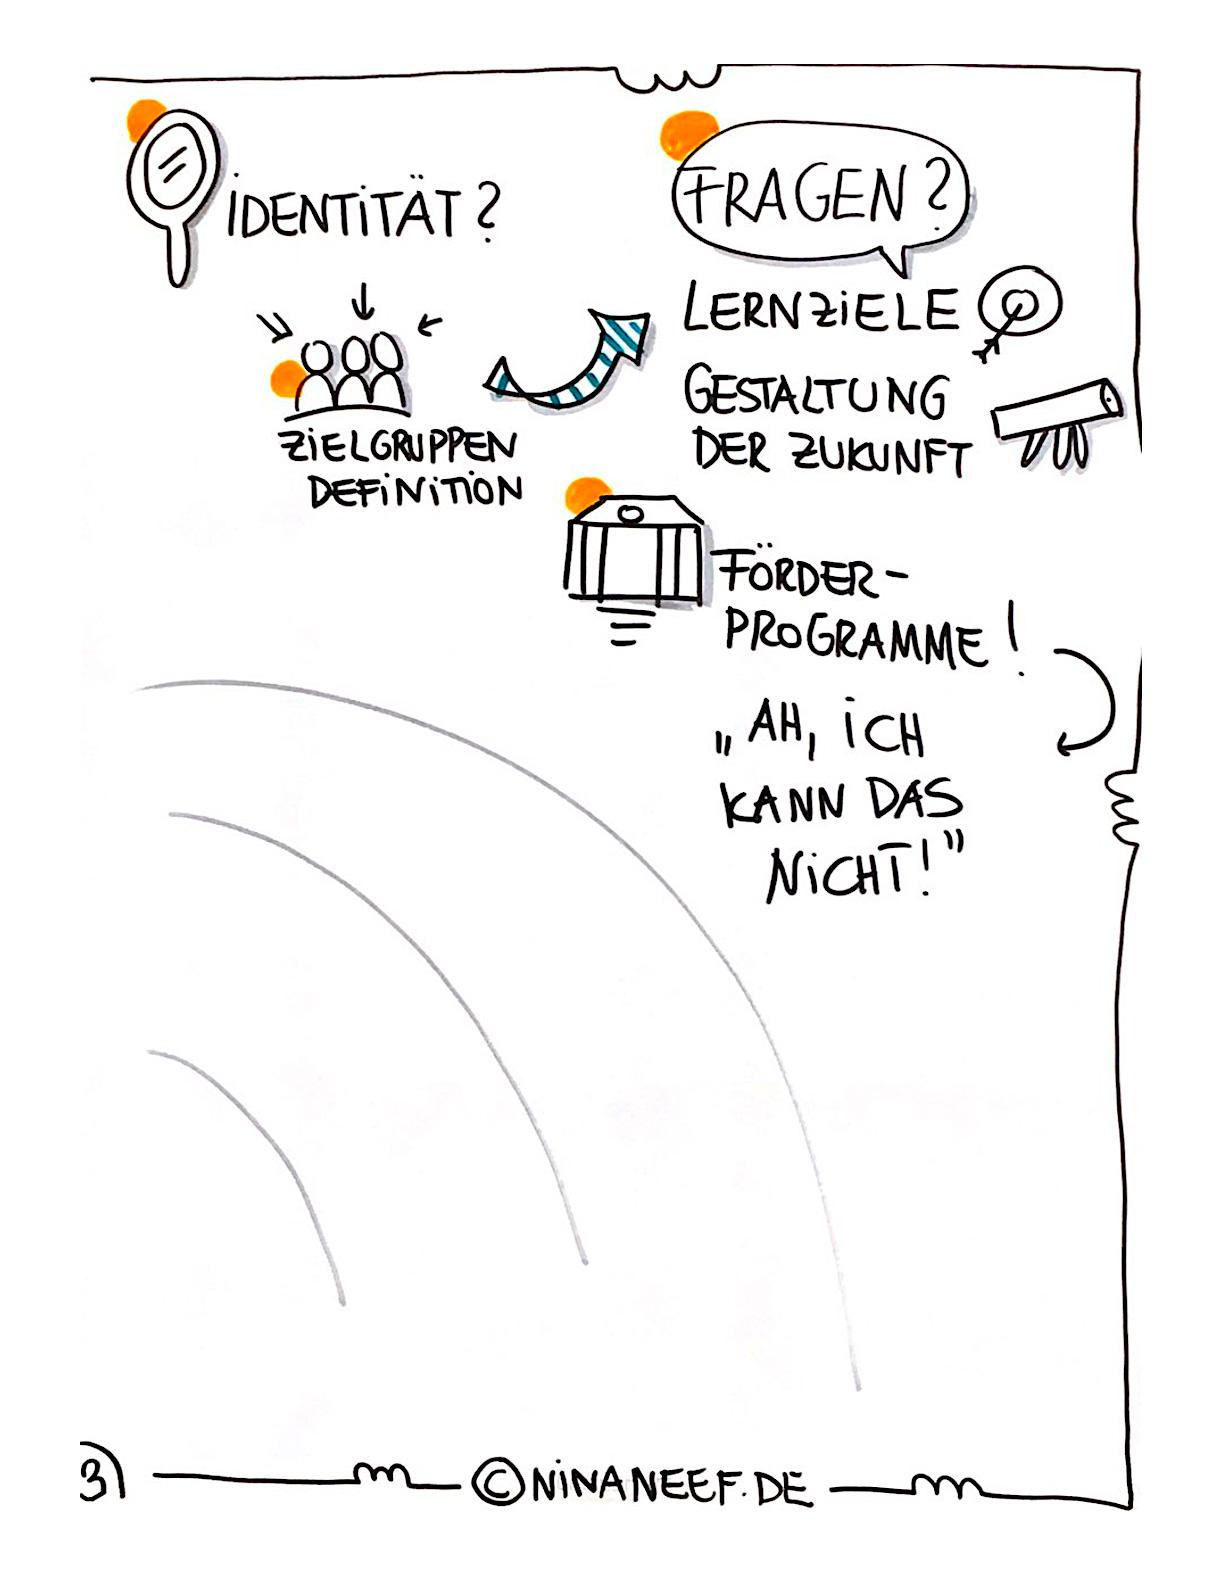 An Der Beuth Hochschule Erstellte Nina Neef Ein Visuelles Protokoll Bei Der Veranstaltung 10 Jahre GuTZ.